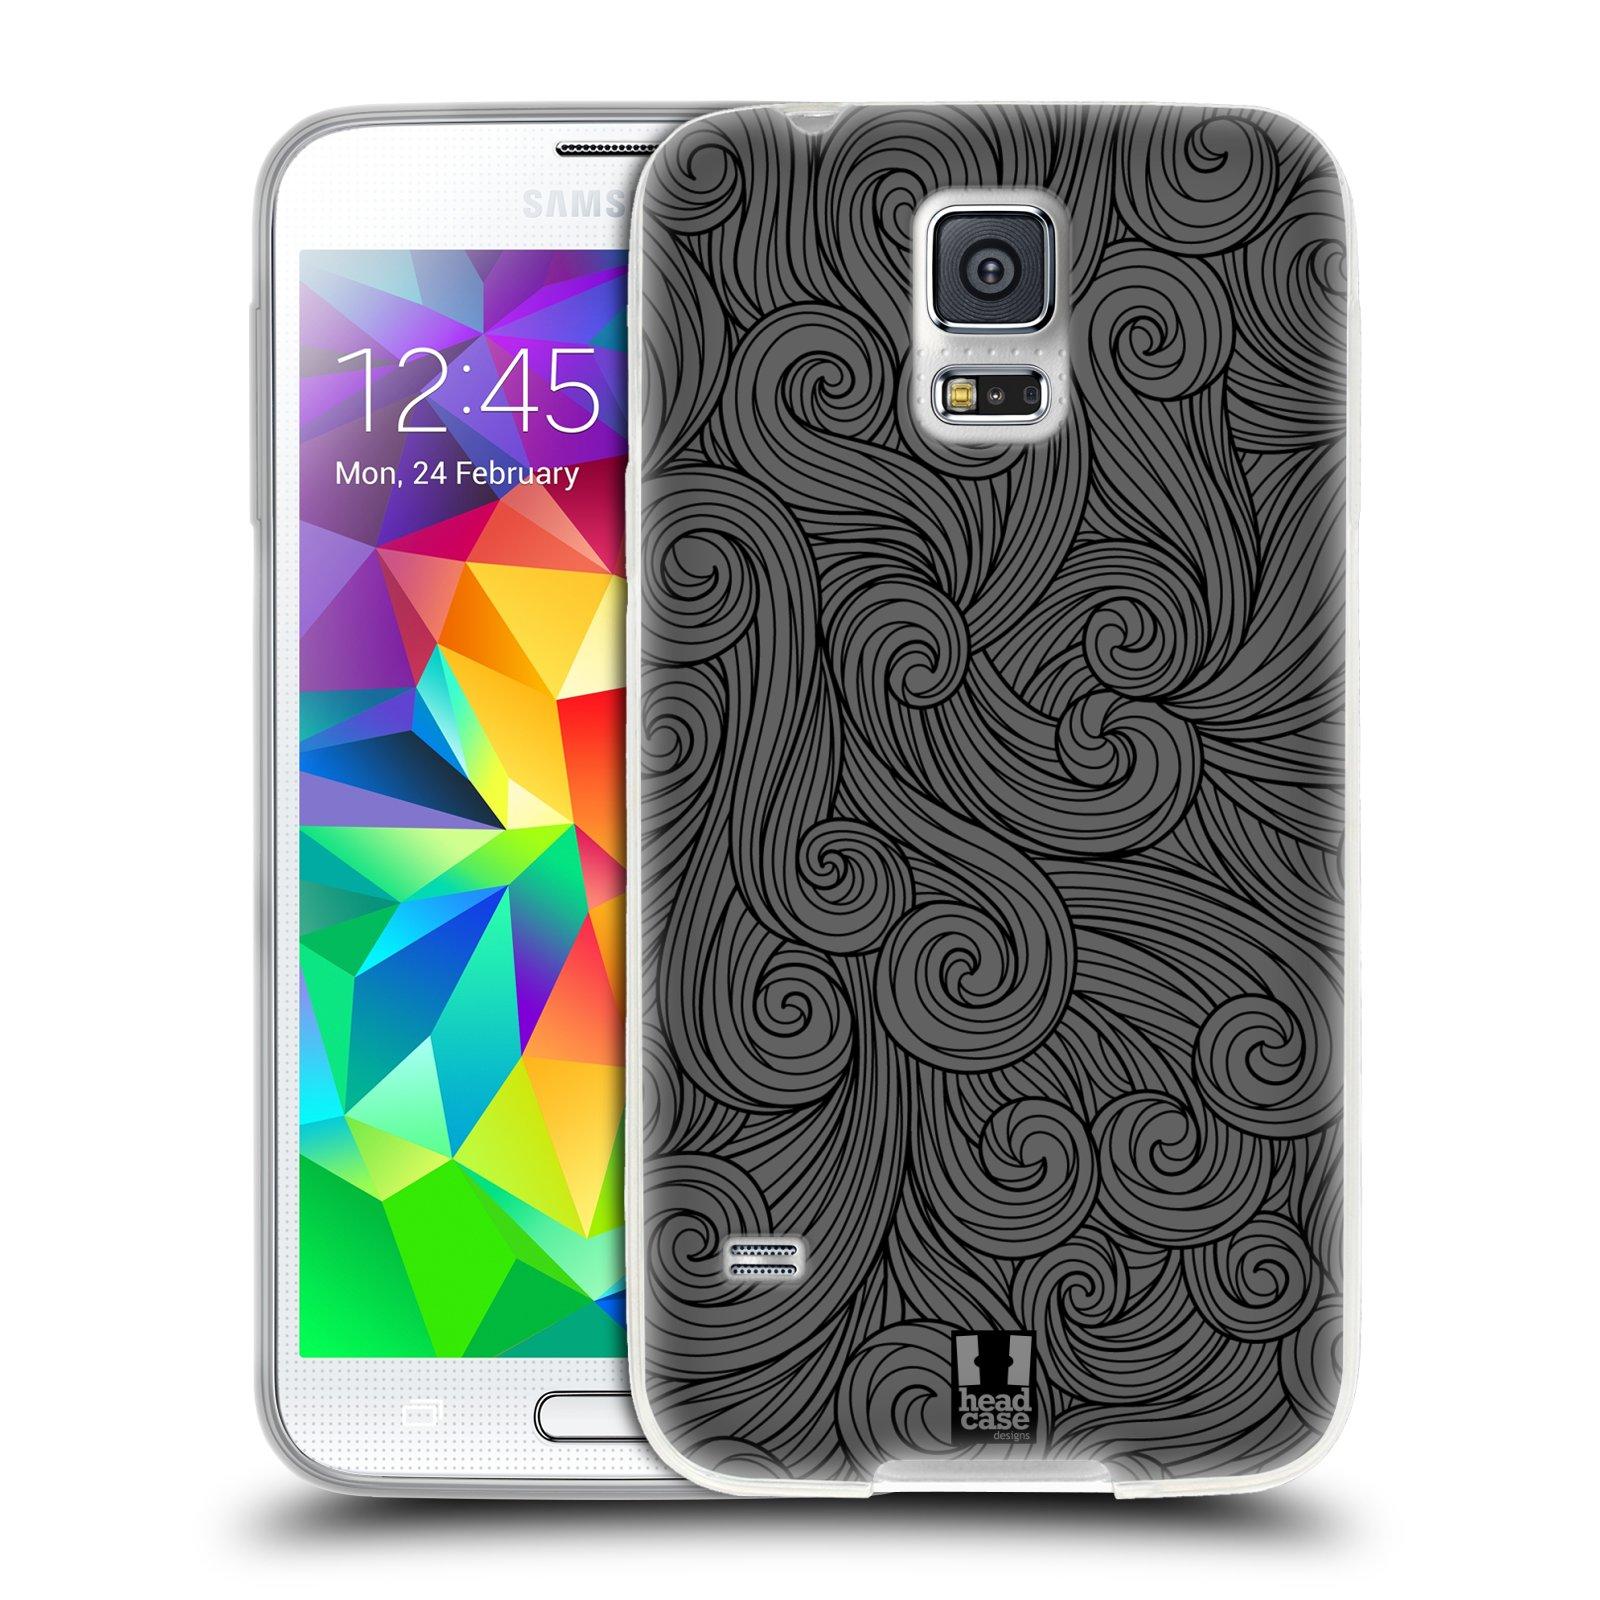 Silikonové pouzdro na mobil Samsung Galaxy S5 HEAD CASE Dark Grey Swirls (Silikonový kryt či obal na mobilní telefon Samsung Galaxy S5 SM-G900F)